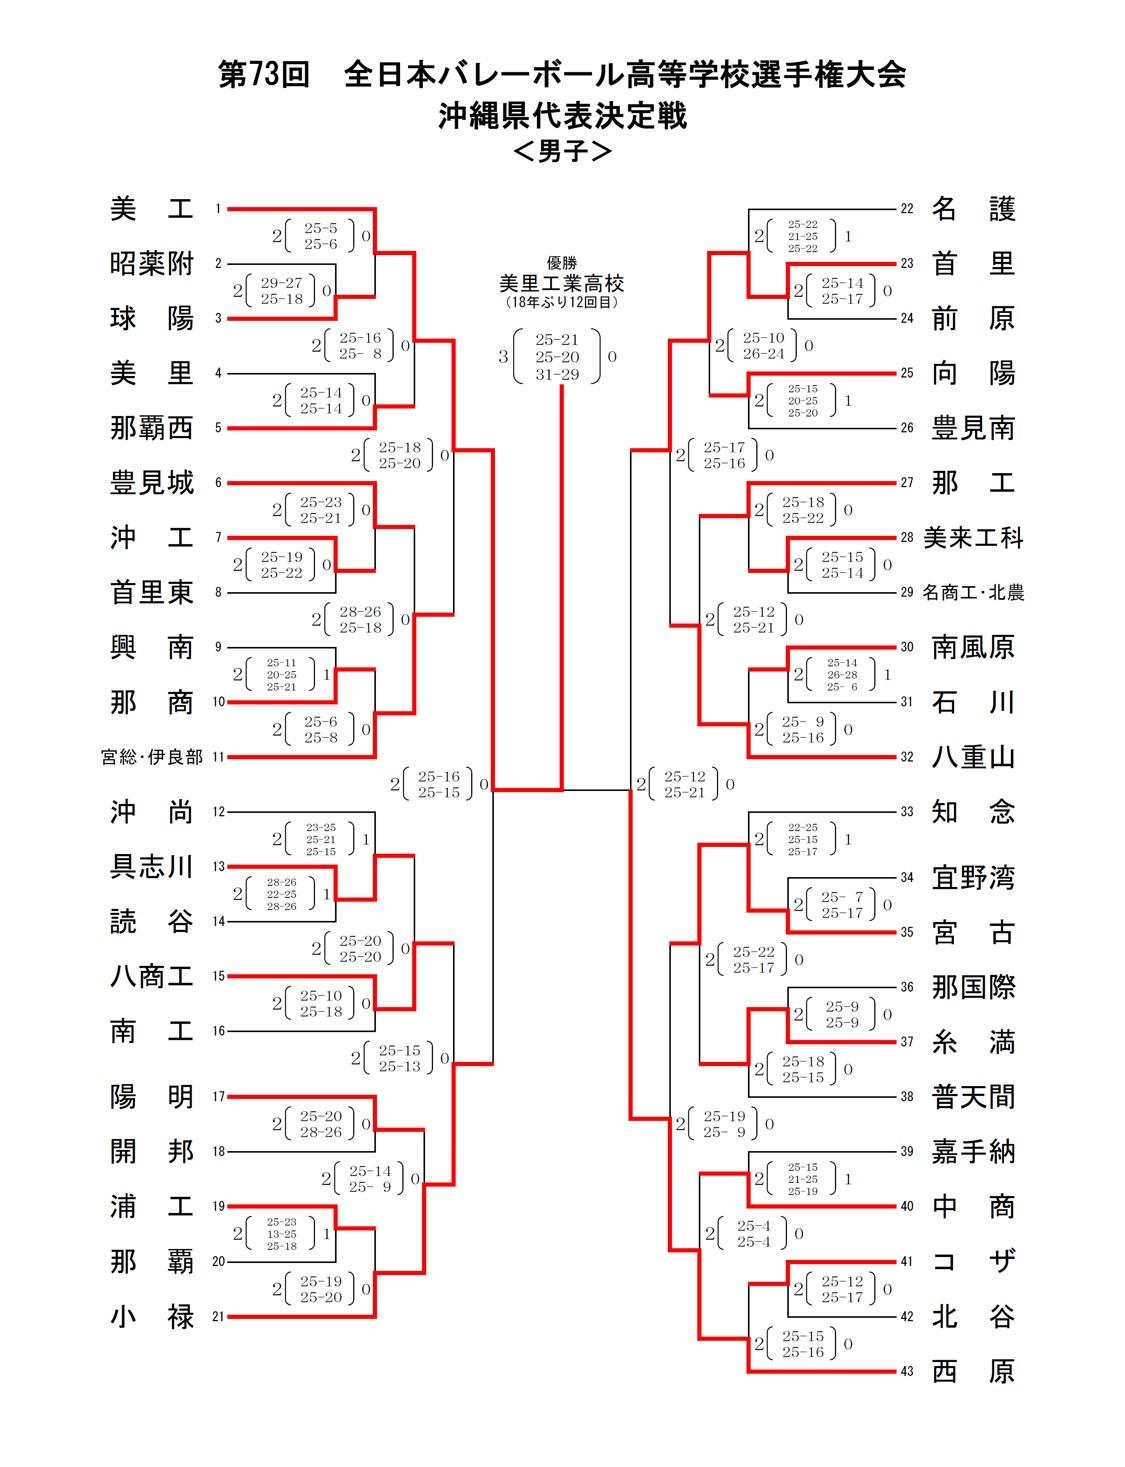 2020年度_全日本高校選手権_沖縄予選_男子_最終結果